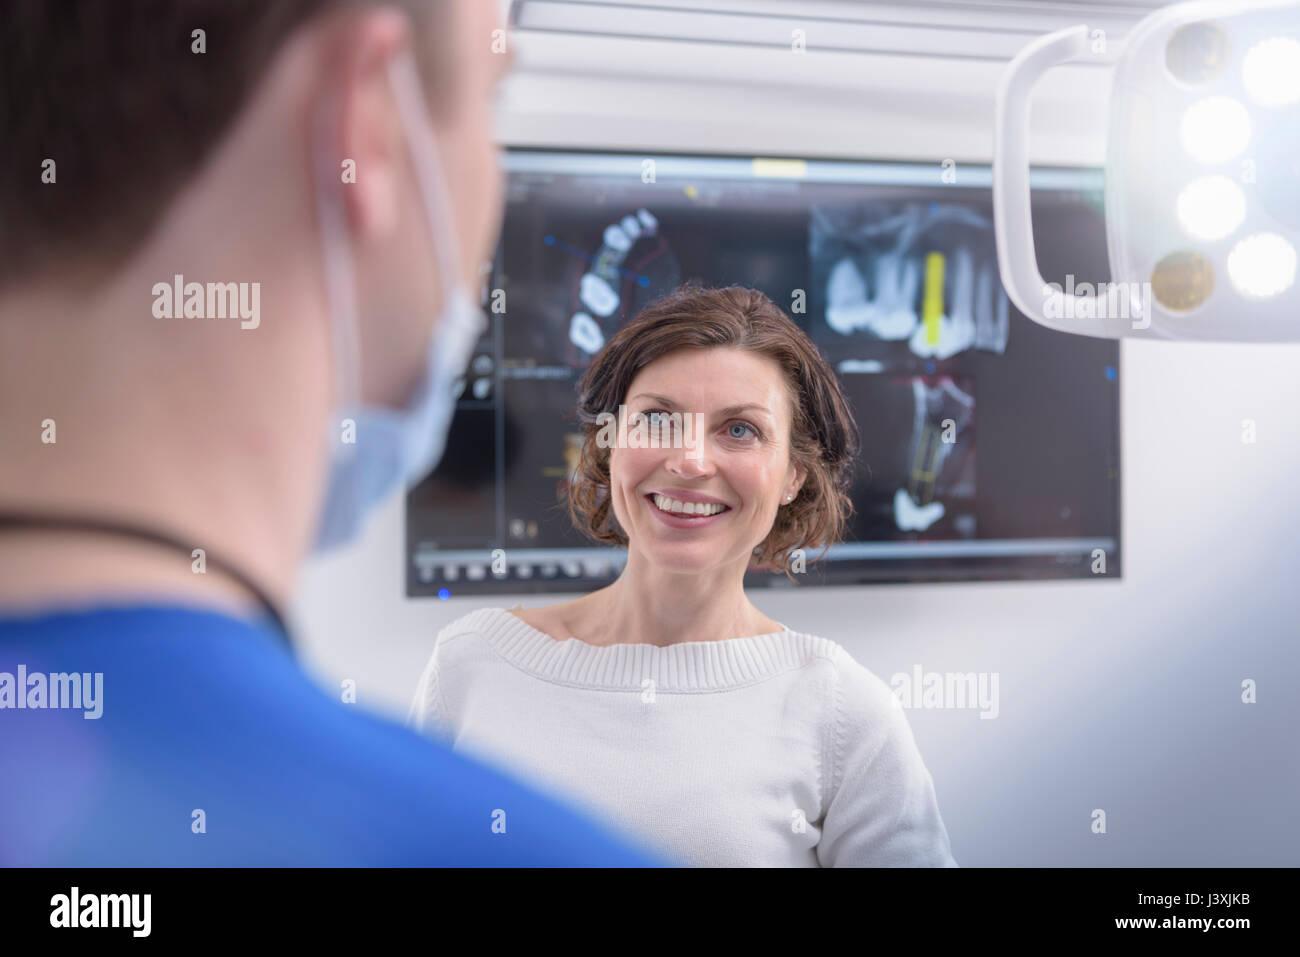 Dentiste montrant des rayons x à l'écran pour patient en chirurgie dentaire Photo Stock